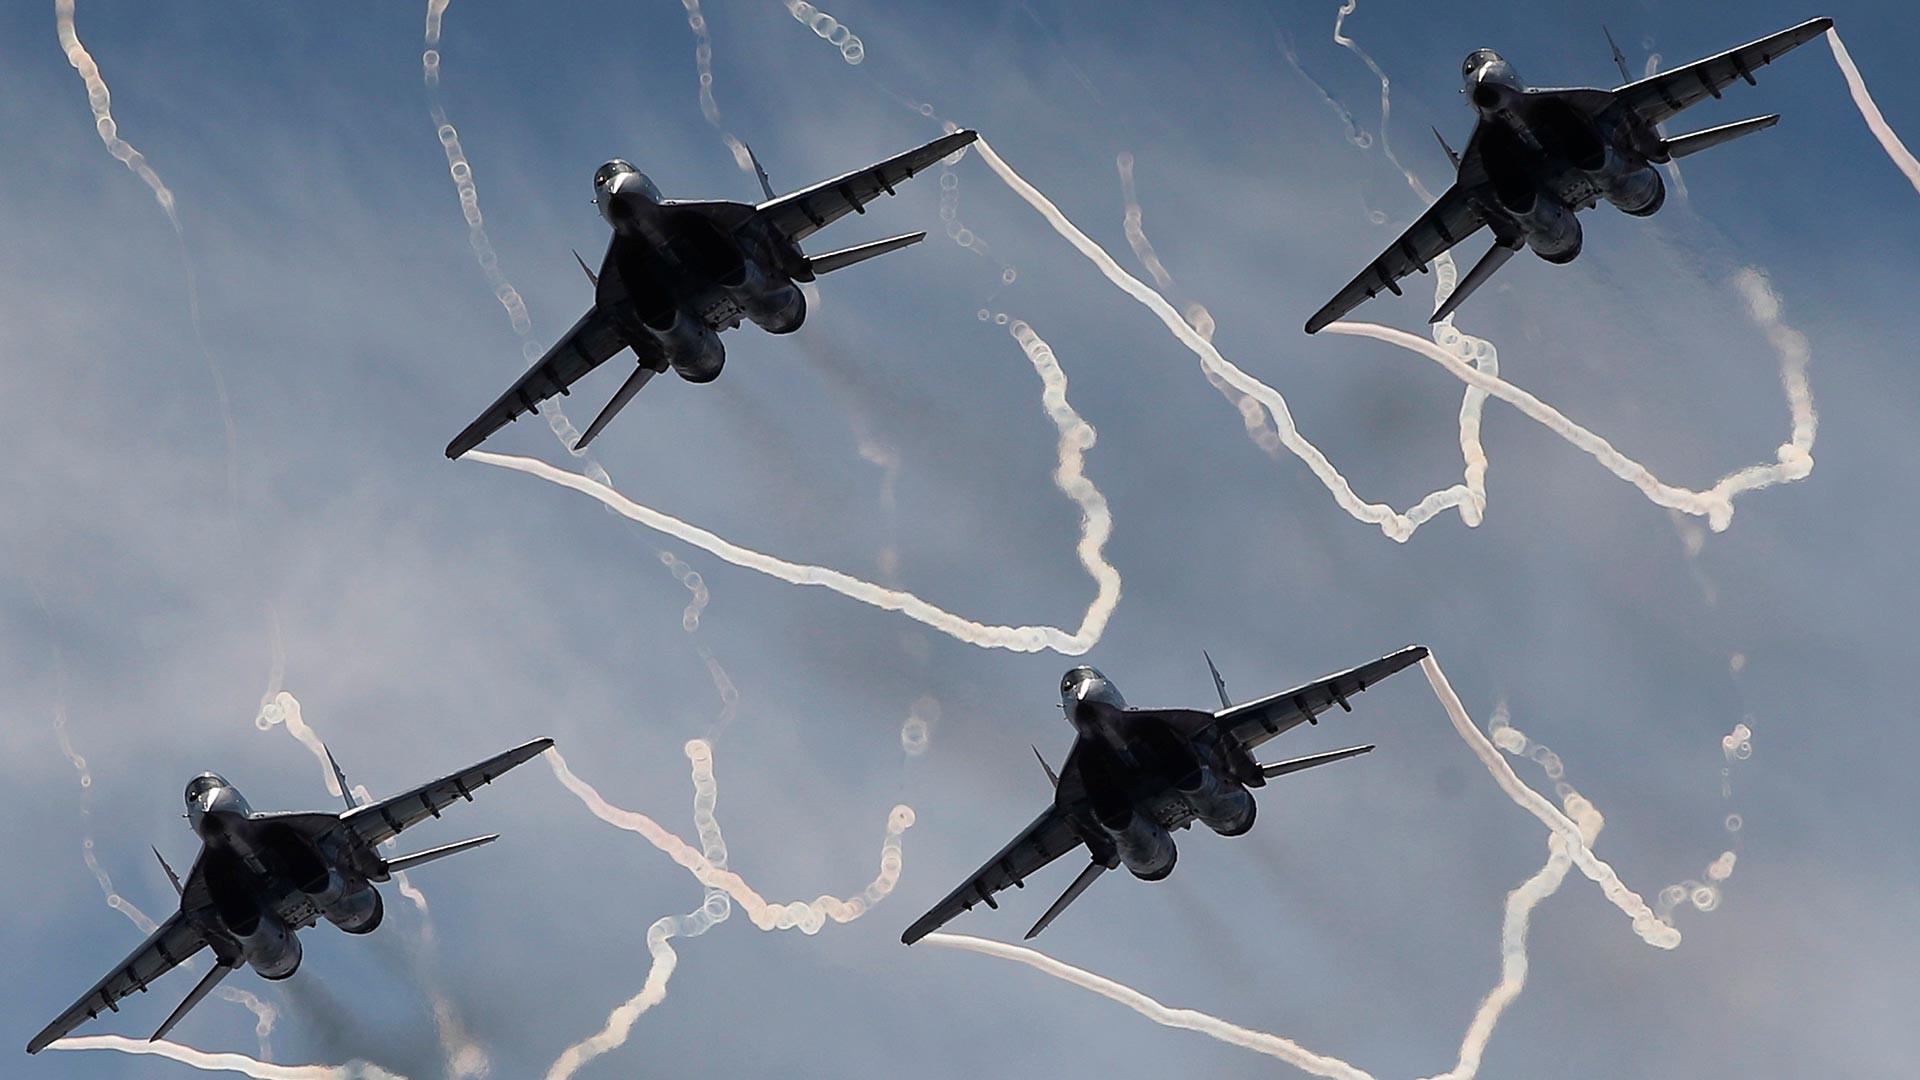 Lovci na mlazni pogon MiG-29 pilotske grupe